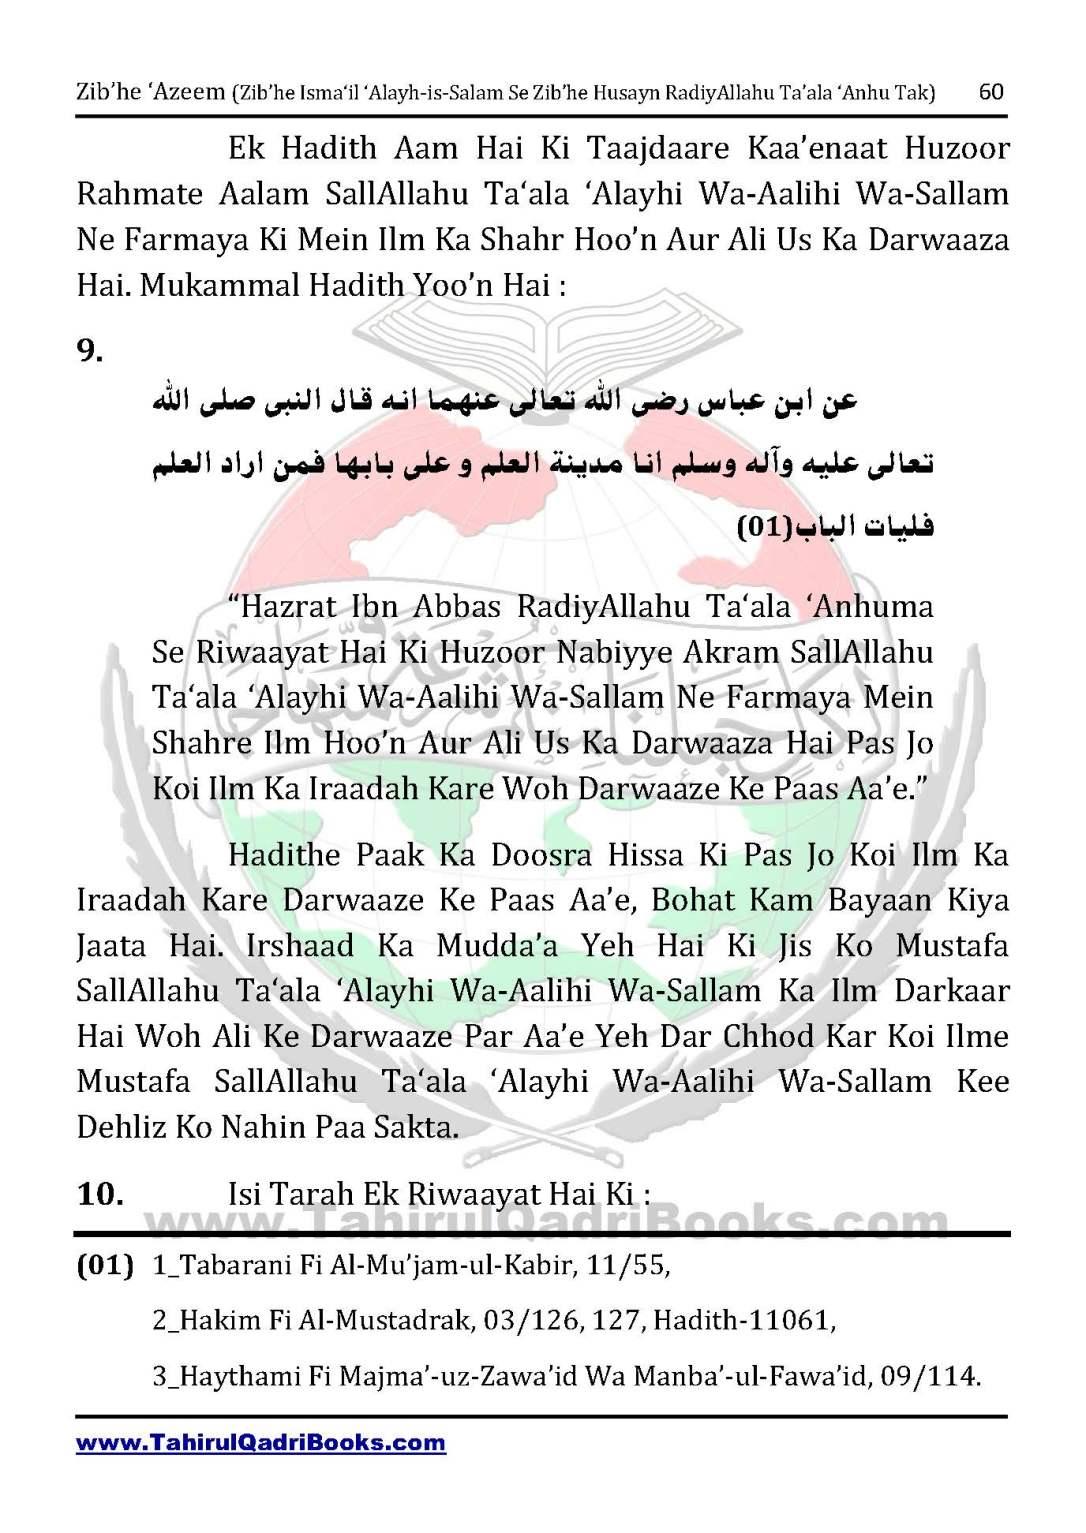 zib_he-e28098azeem-zib_he-ismacabbil-se-zib_he-husayn-tak-in-roman-urdu-unlocked_Page_060